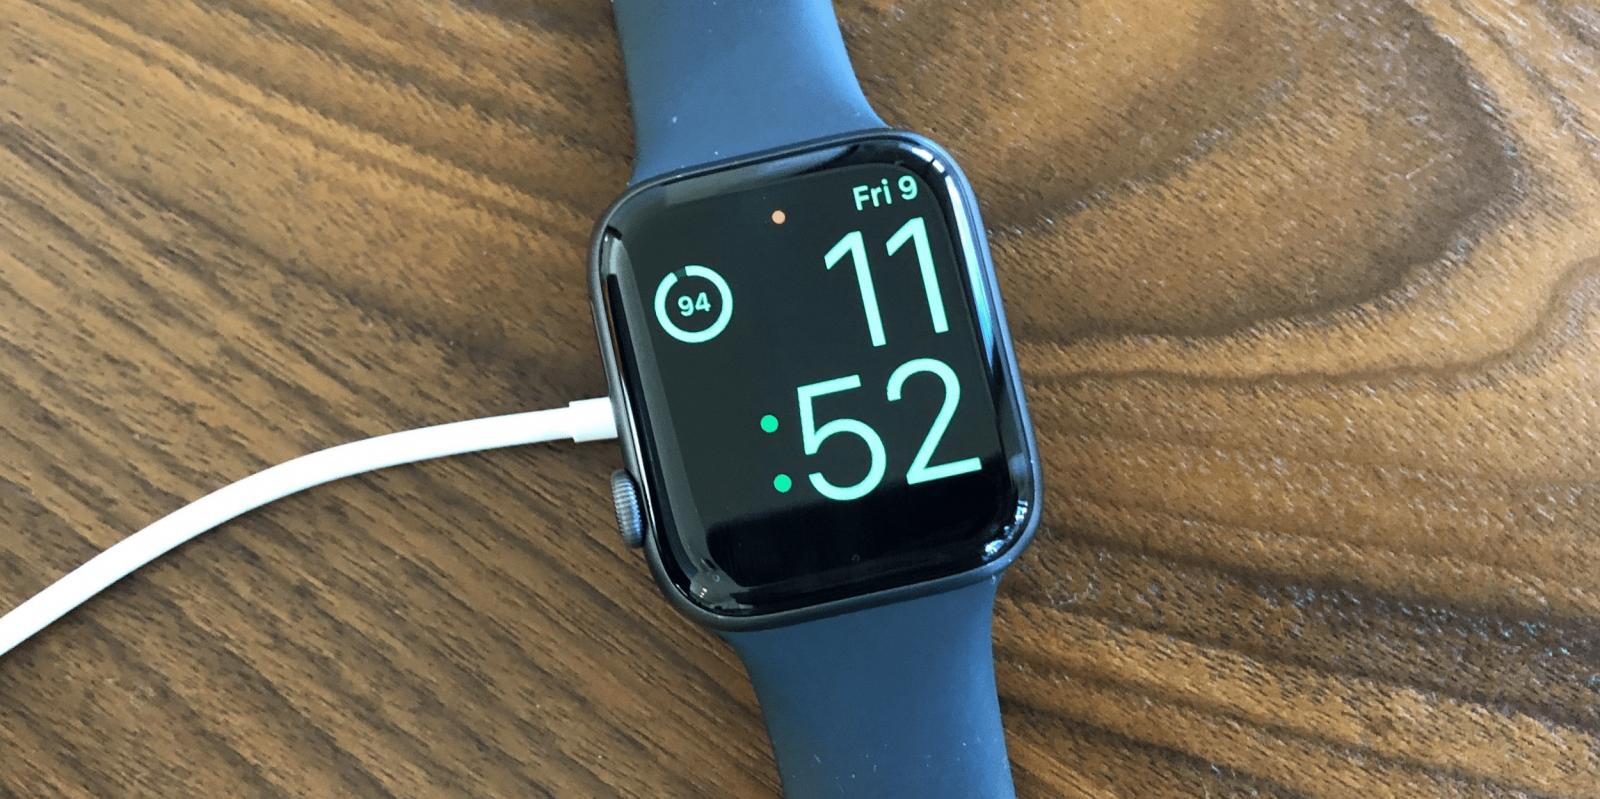 Nên chọn đồng hồ thông minh giá rẻ như thế nào?